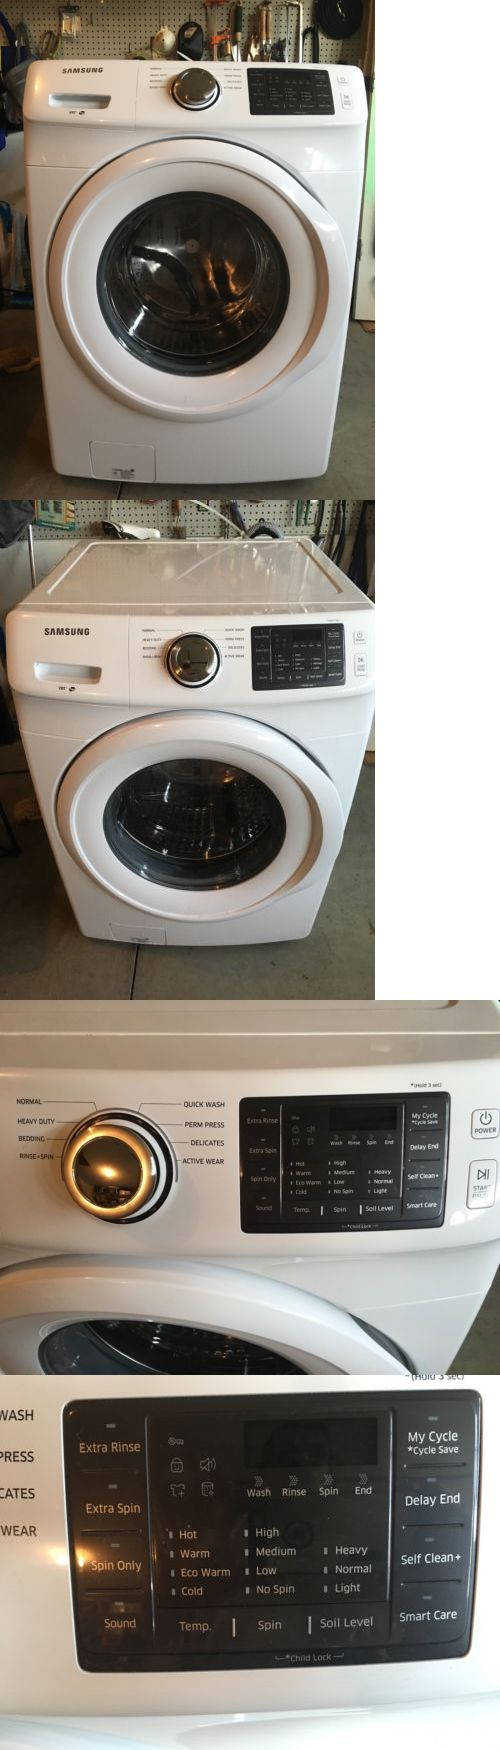 Pin On Washing Machines 71256